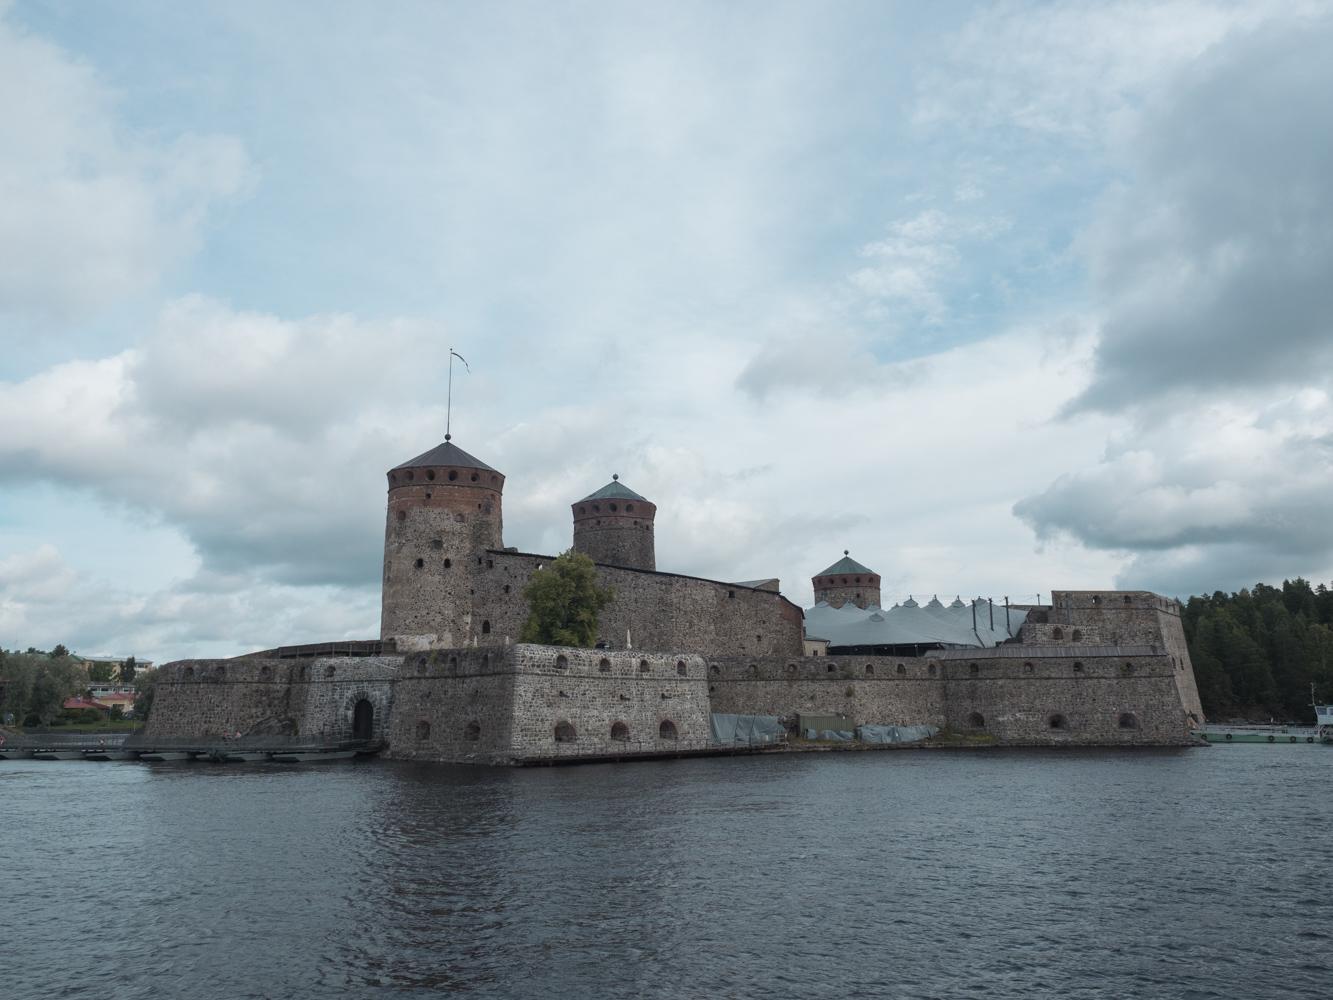 Die Burg Olavonlinna in Savonlinna